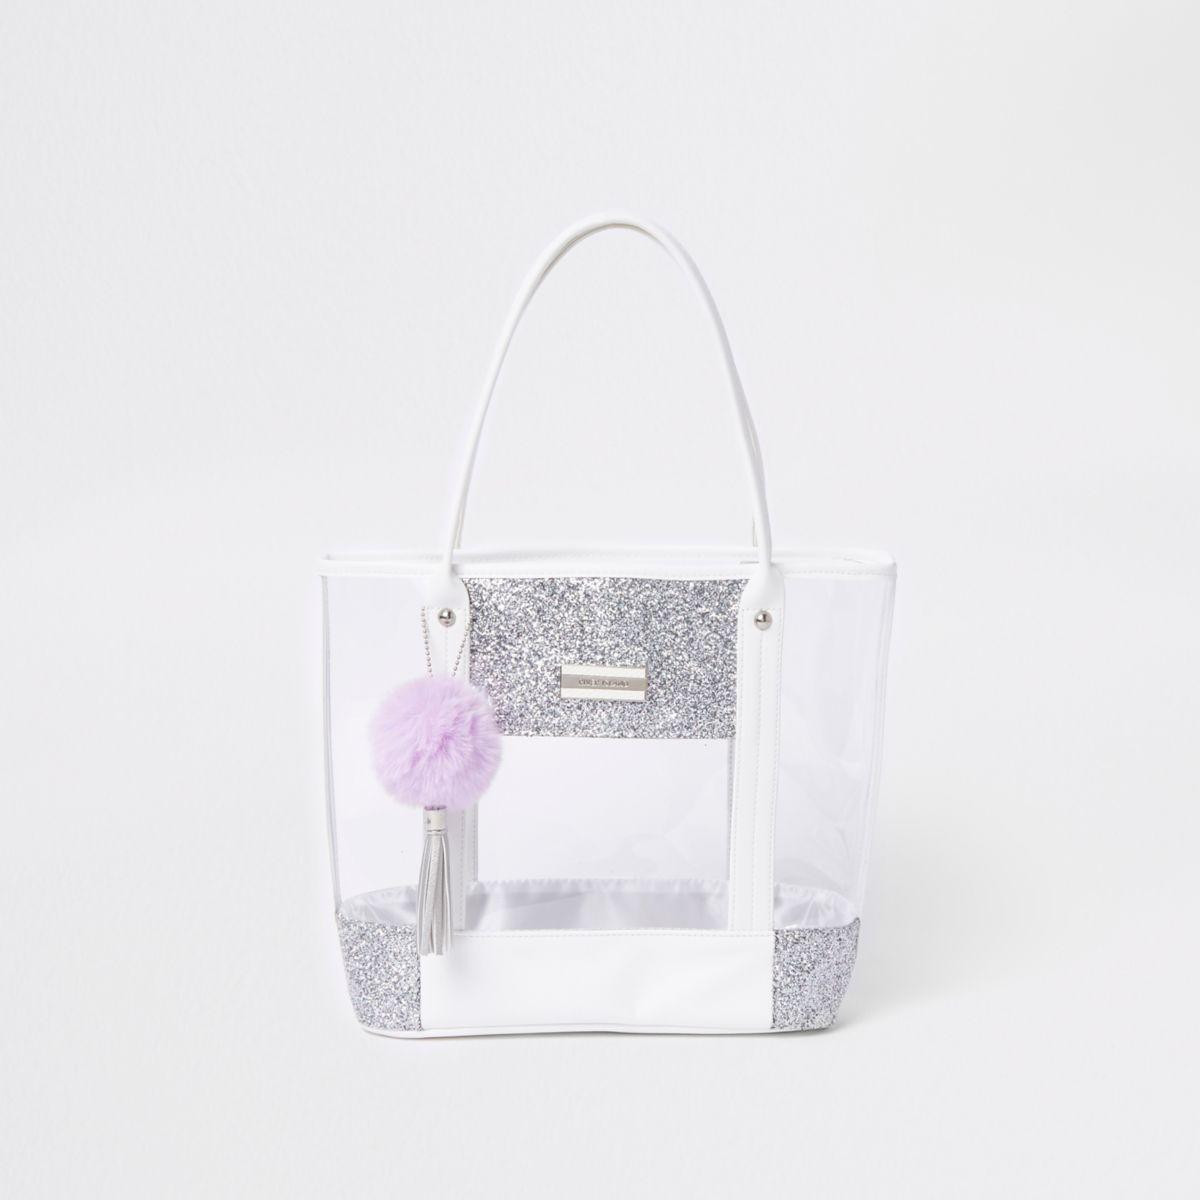 Silberne, transparente Shopper-Tasche mit Glitzer